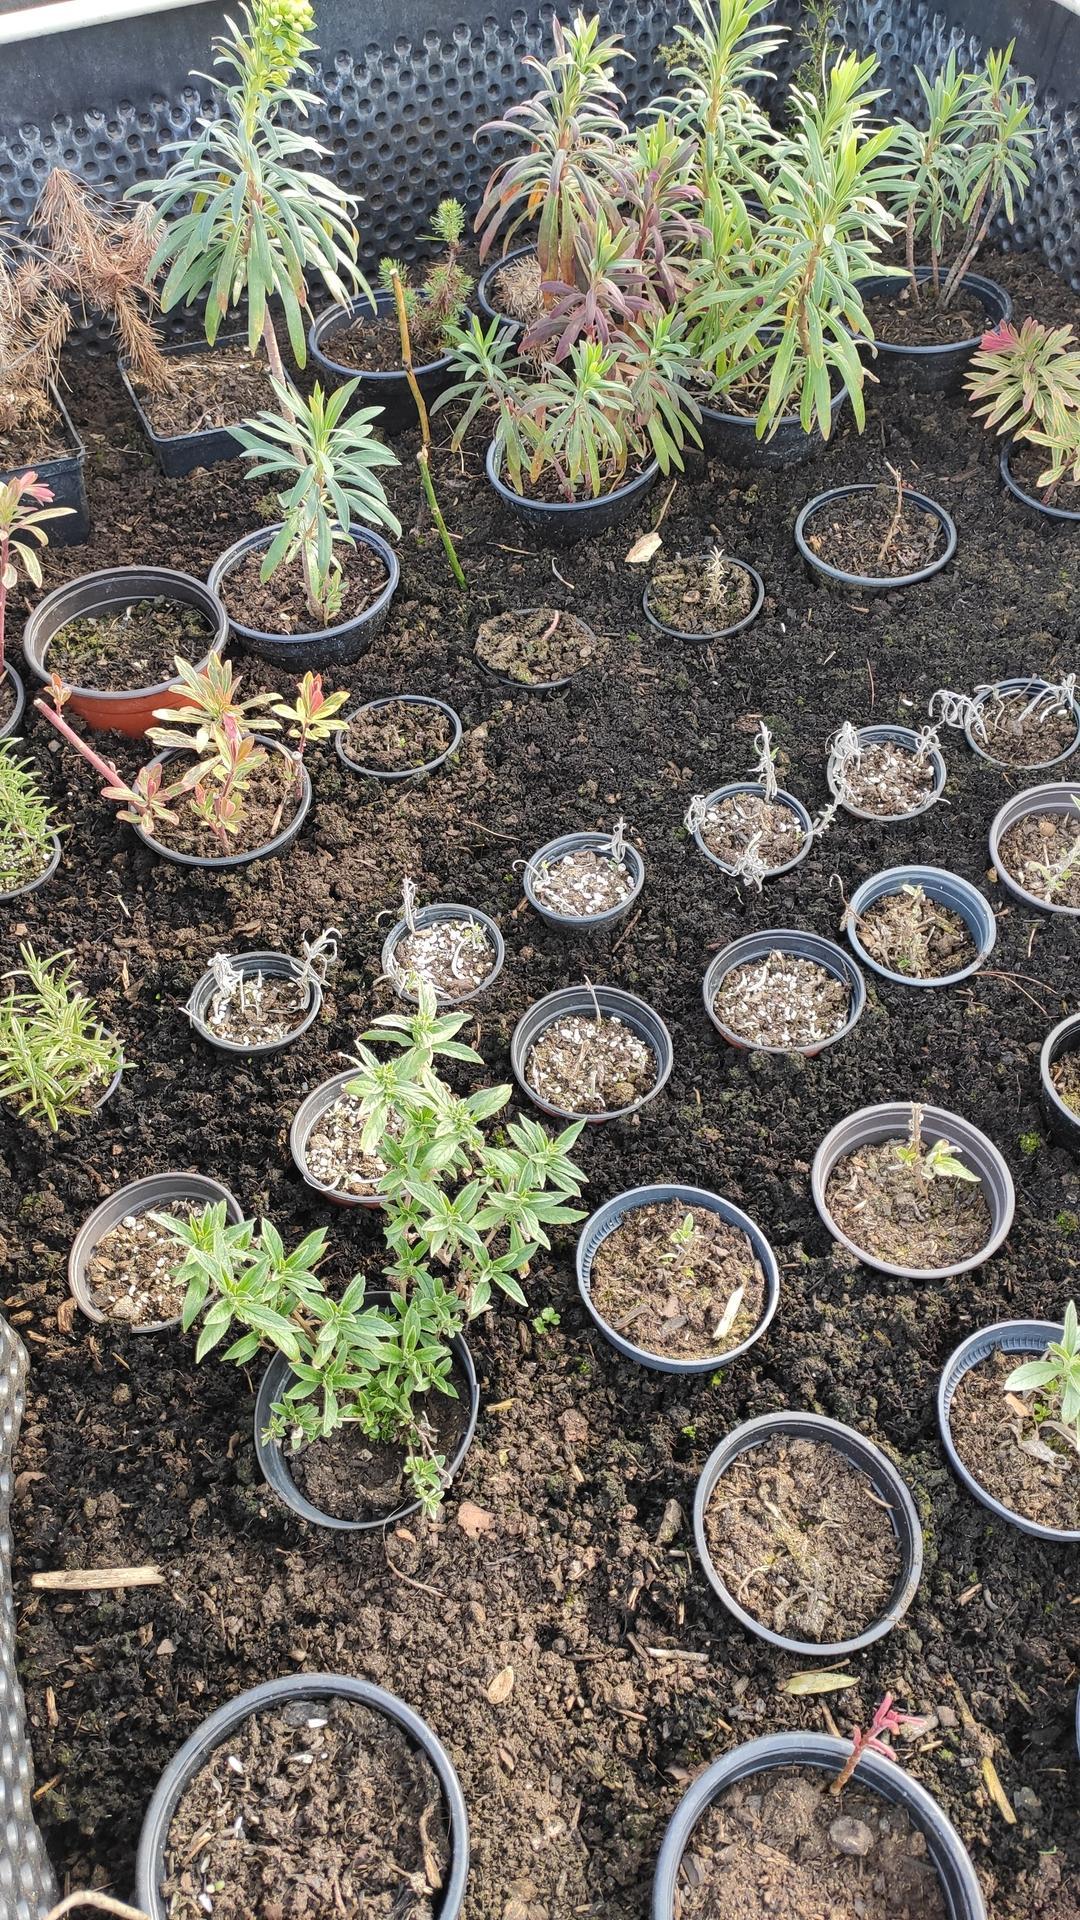 Vyvýšené záhony a úžitková záhrada - sezóna 2021 ... príprava, sadenie, starostlivosť - Obrázok č. 20